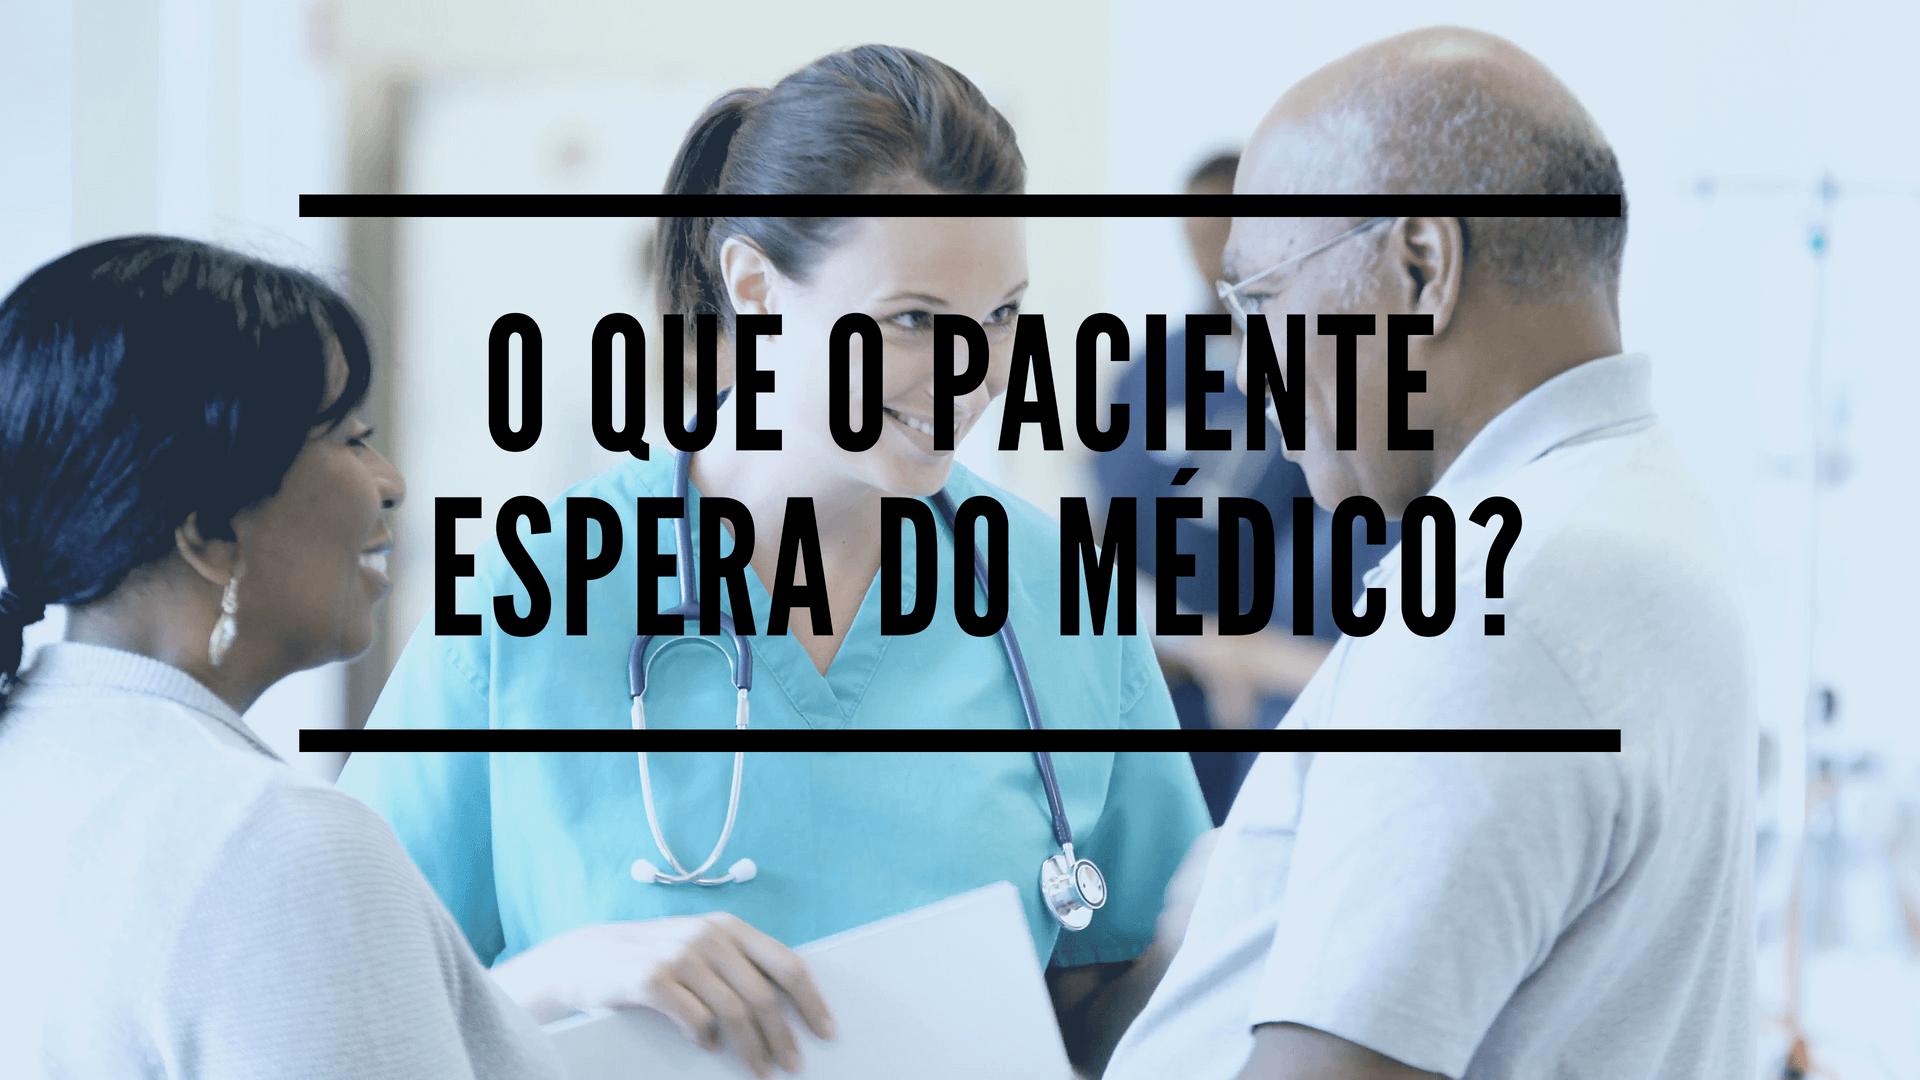 O que o paciente espera do médico?